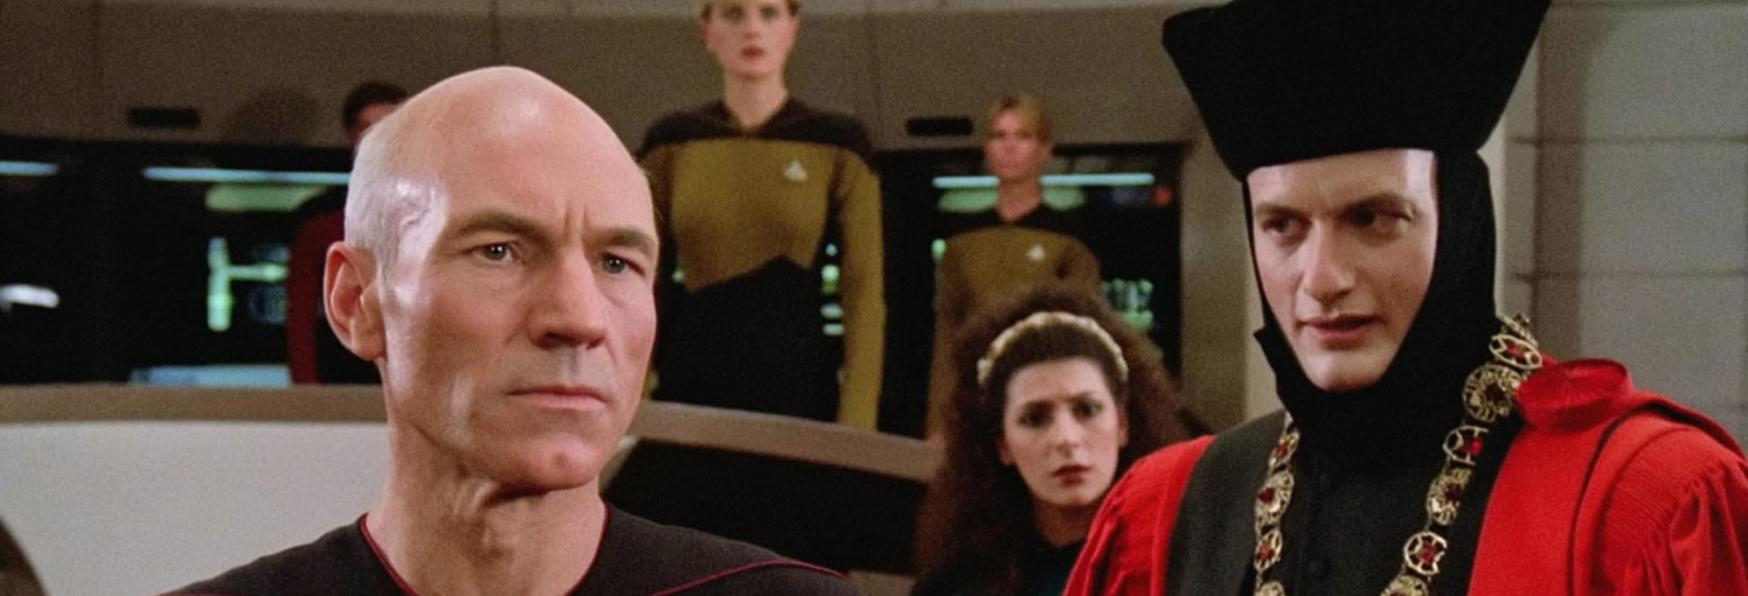 Star Trek: Picard 2 - il Teaser Trailer Conferma un Grande Ritorno